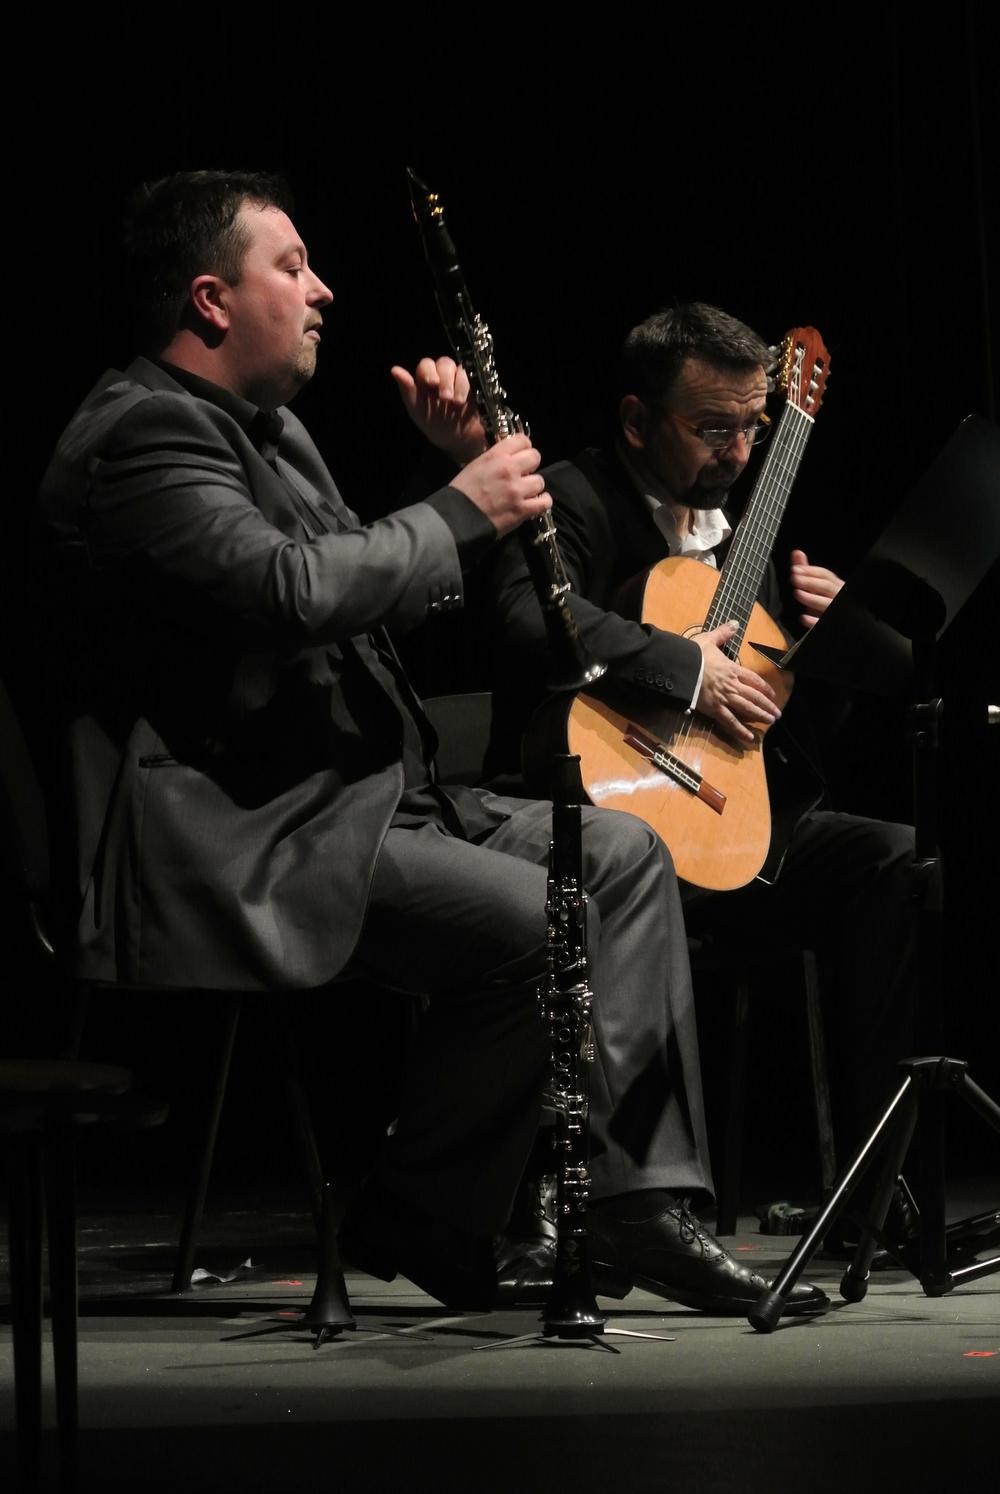 Aleksandar Tasic - Clarinet & Zoran Krajisnik - Guitar